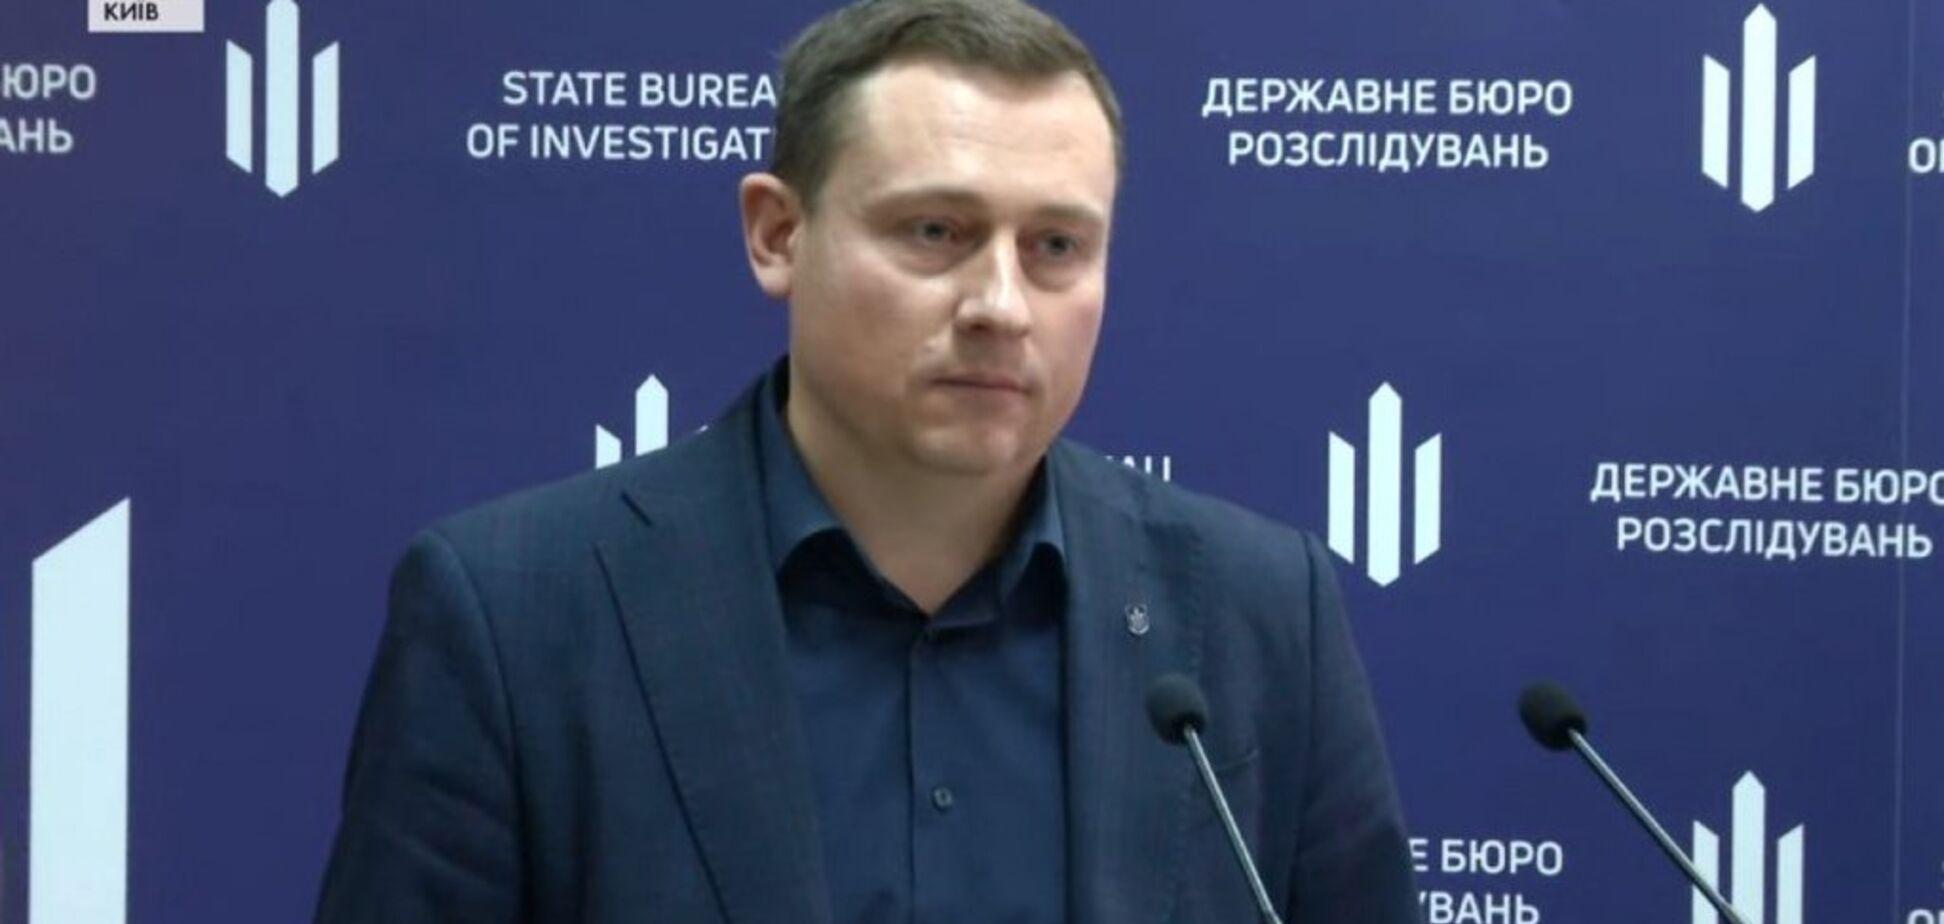 Перший заступник ДБР Бабіков збрехав усім в обличчя